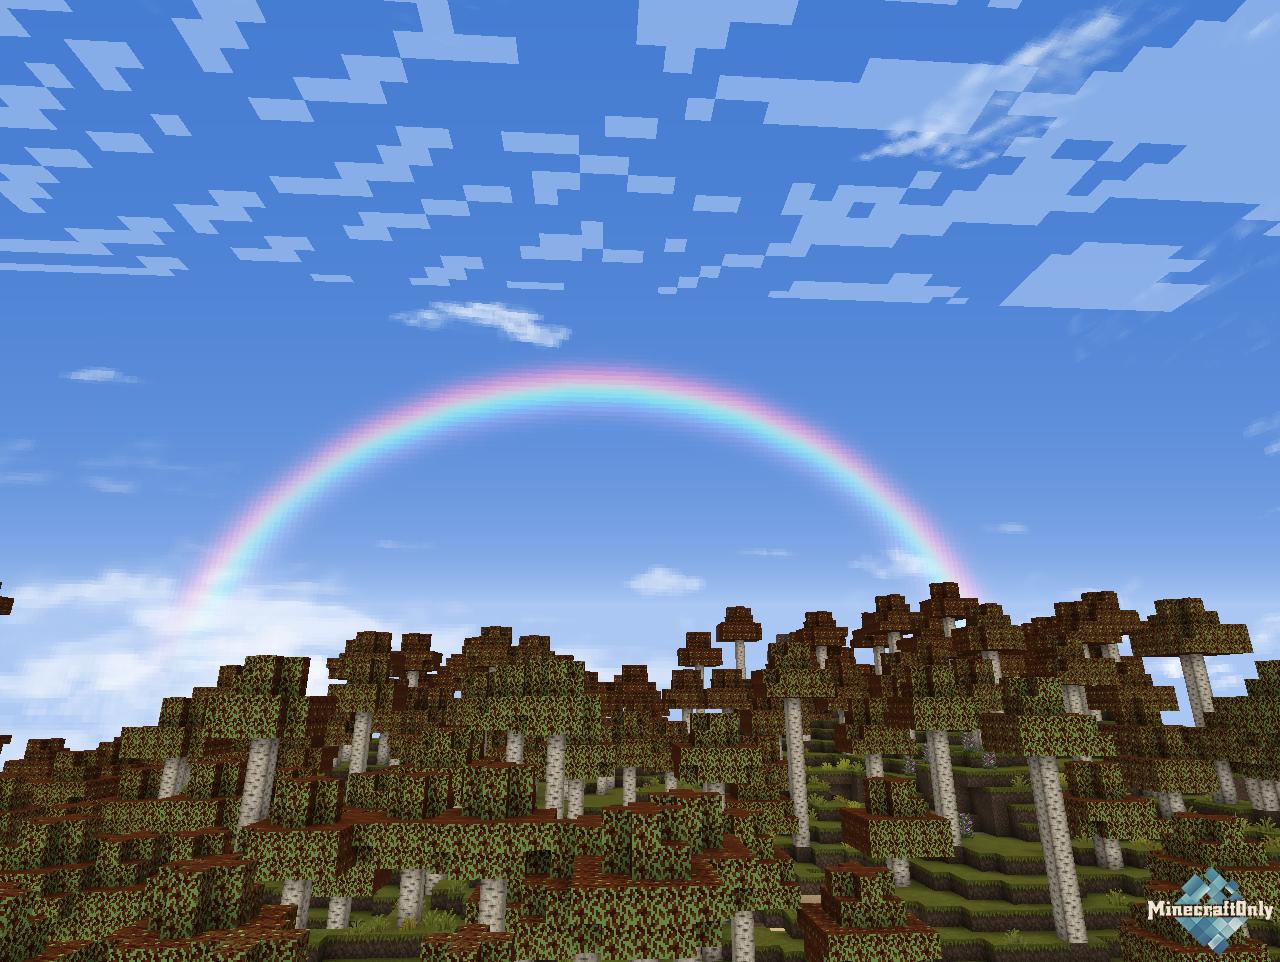 Minecraft-Выживание на сервере ExcaliburCraft с модом ...